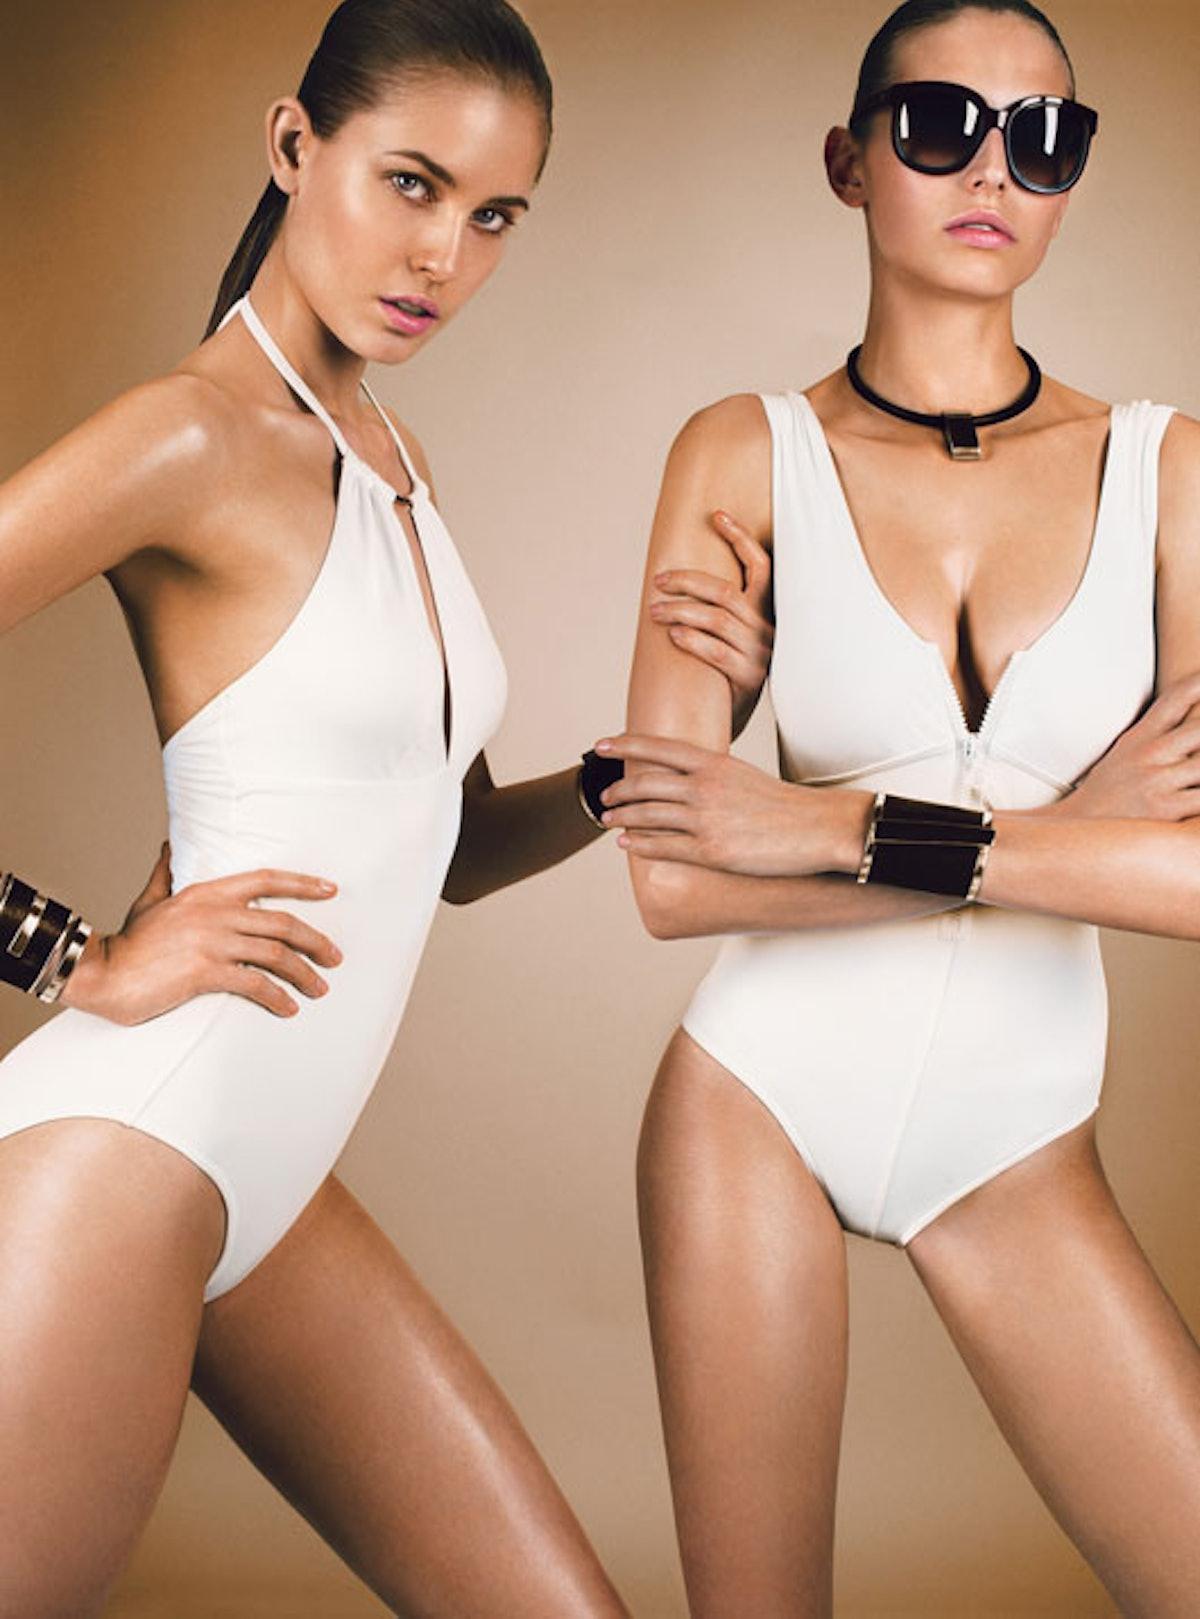 fass-sporty-summer-swimsuits-03-l.jpg